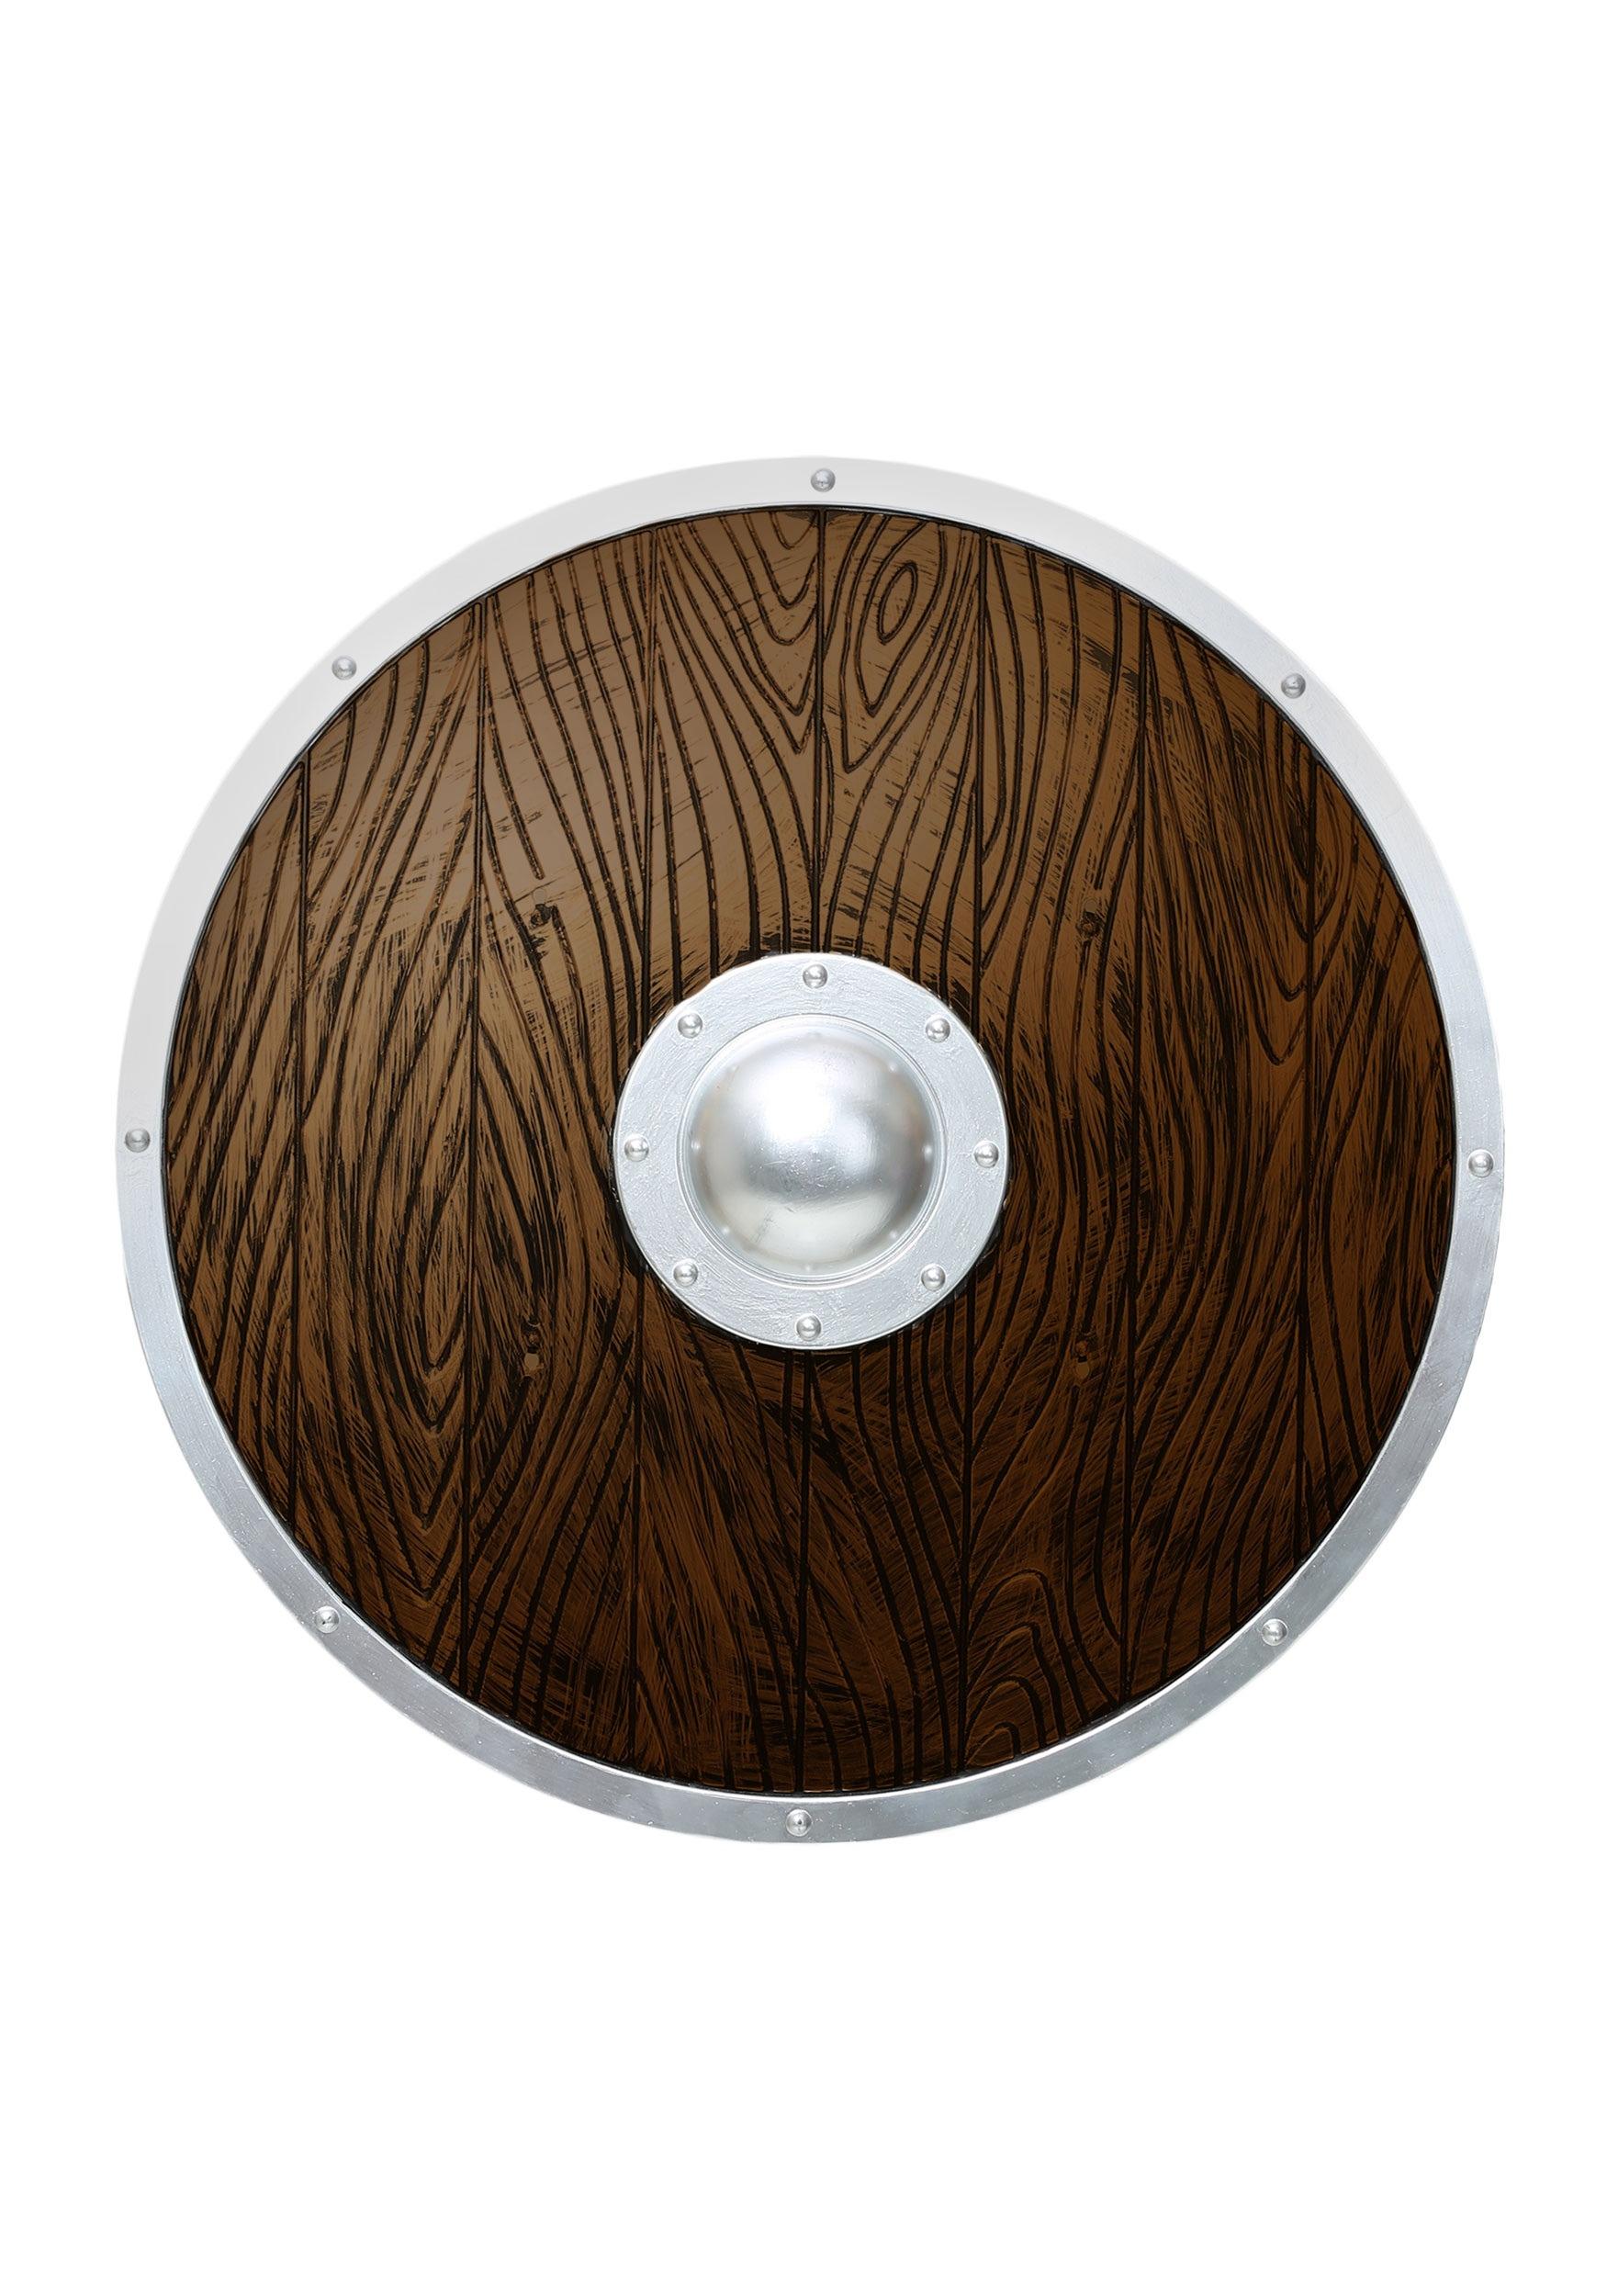 Halloween decorations indoor - Wooden Viking Shield